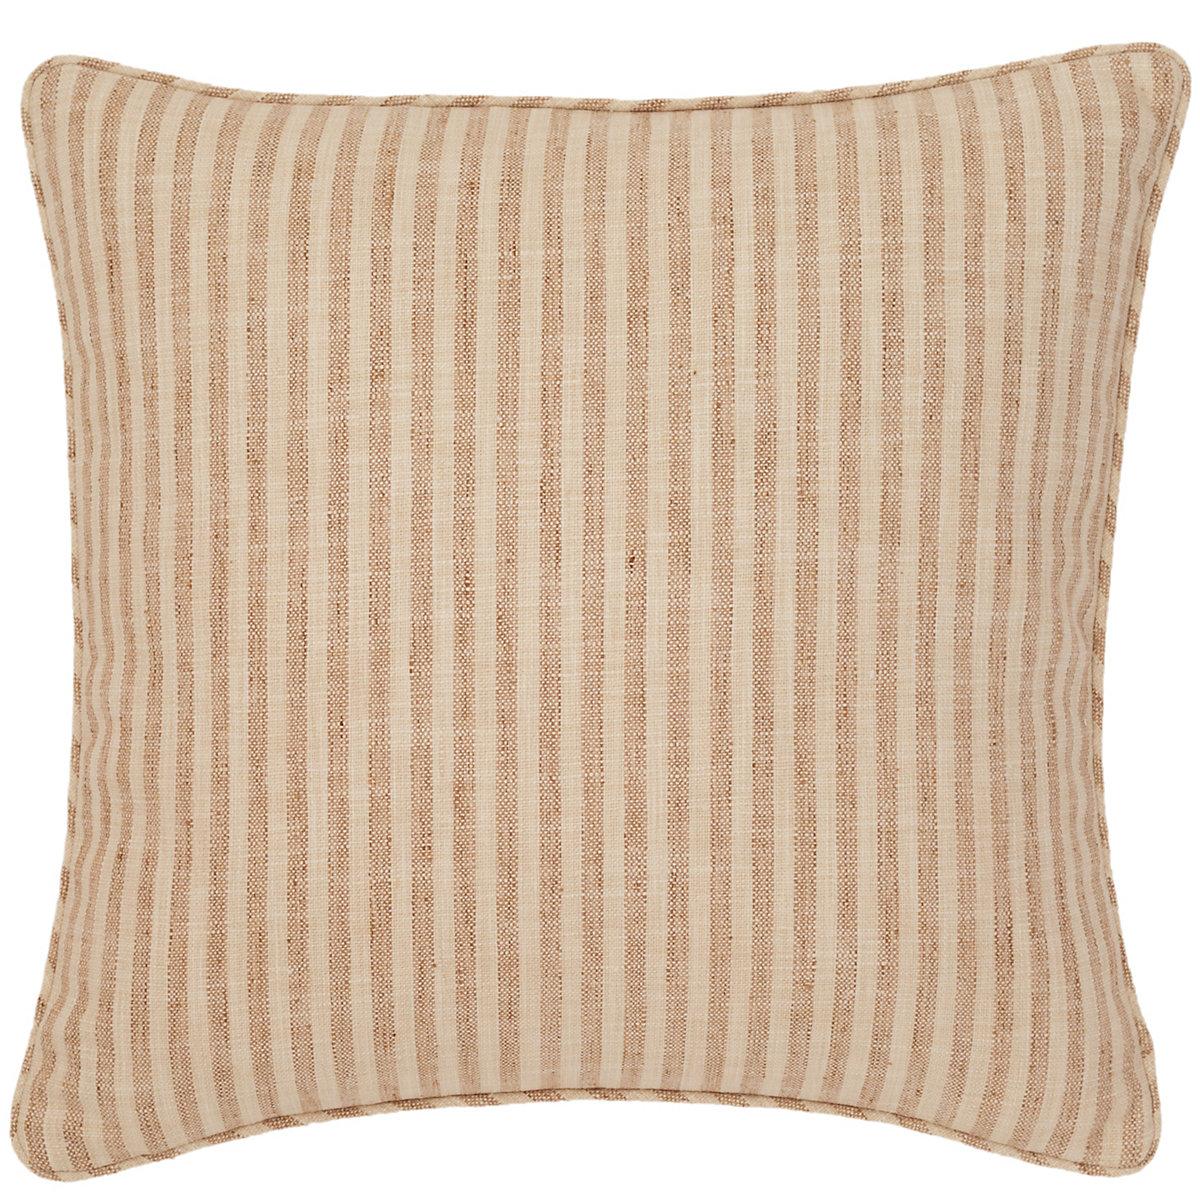 Adams Ticking Natural Indoor Outdoor Decorative Pillow